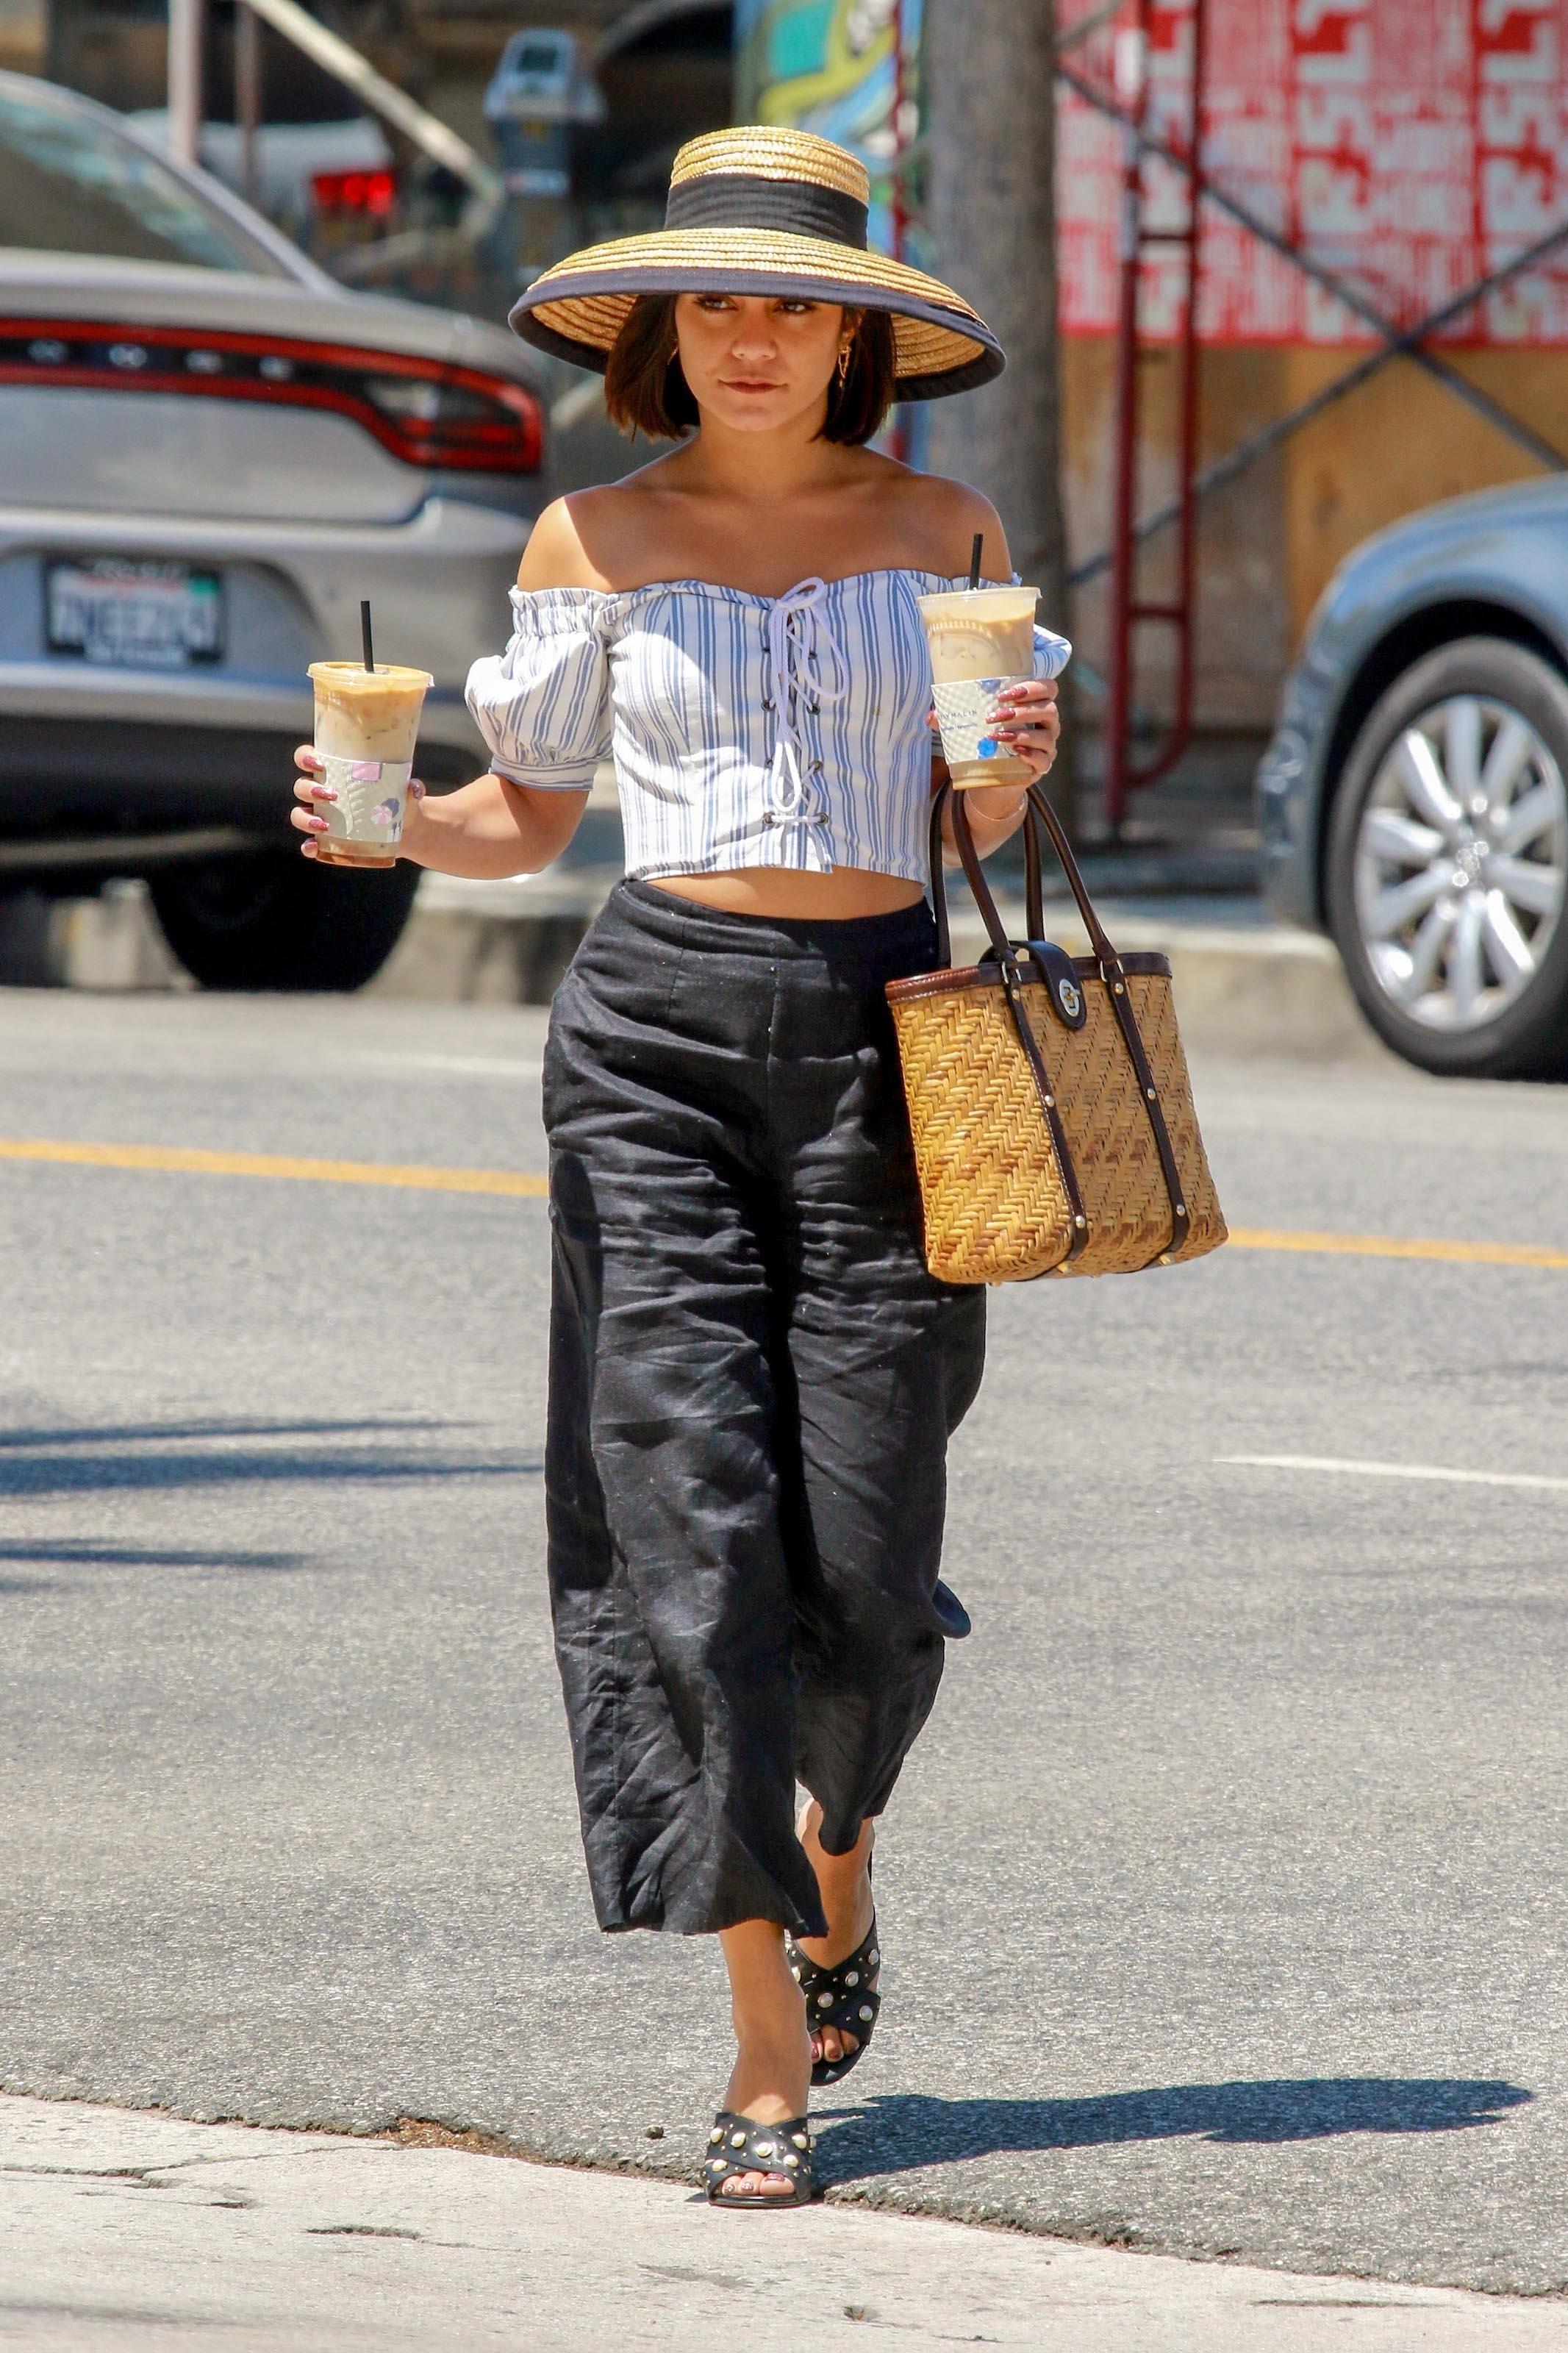 EXCLUSIVE Vanessa Hudgens Shows Some Skin in Off-The-Shoulder Crop Top